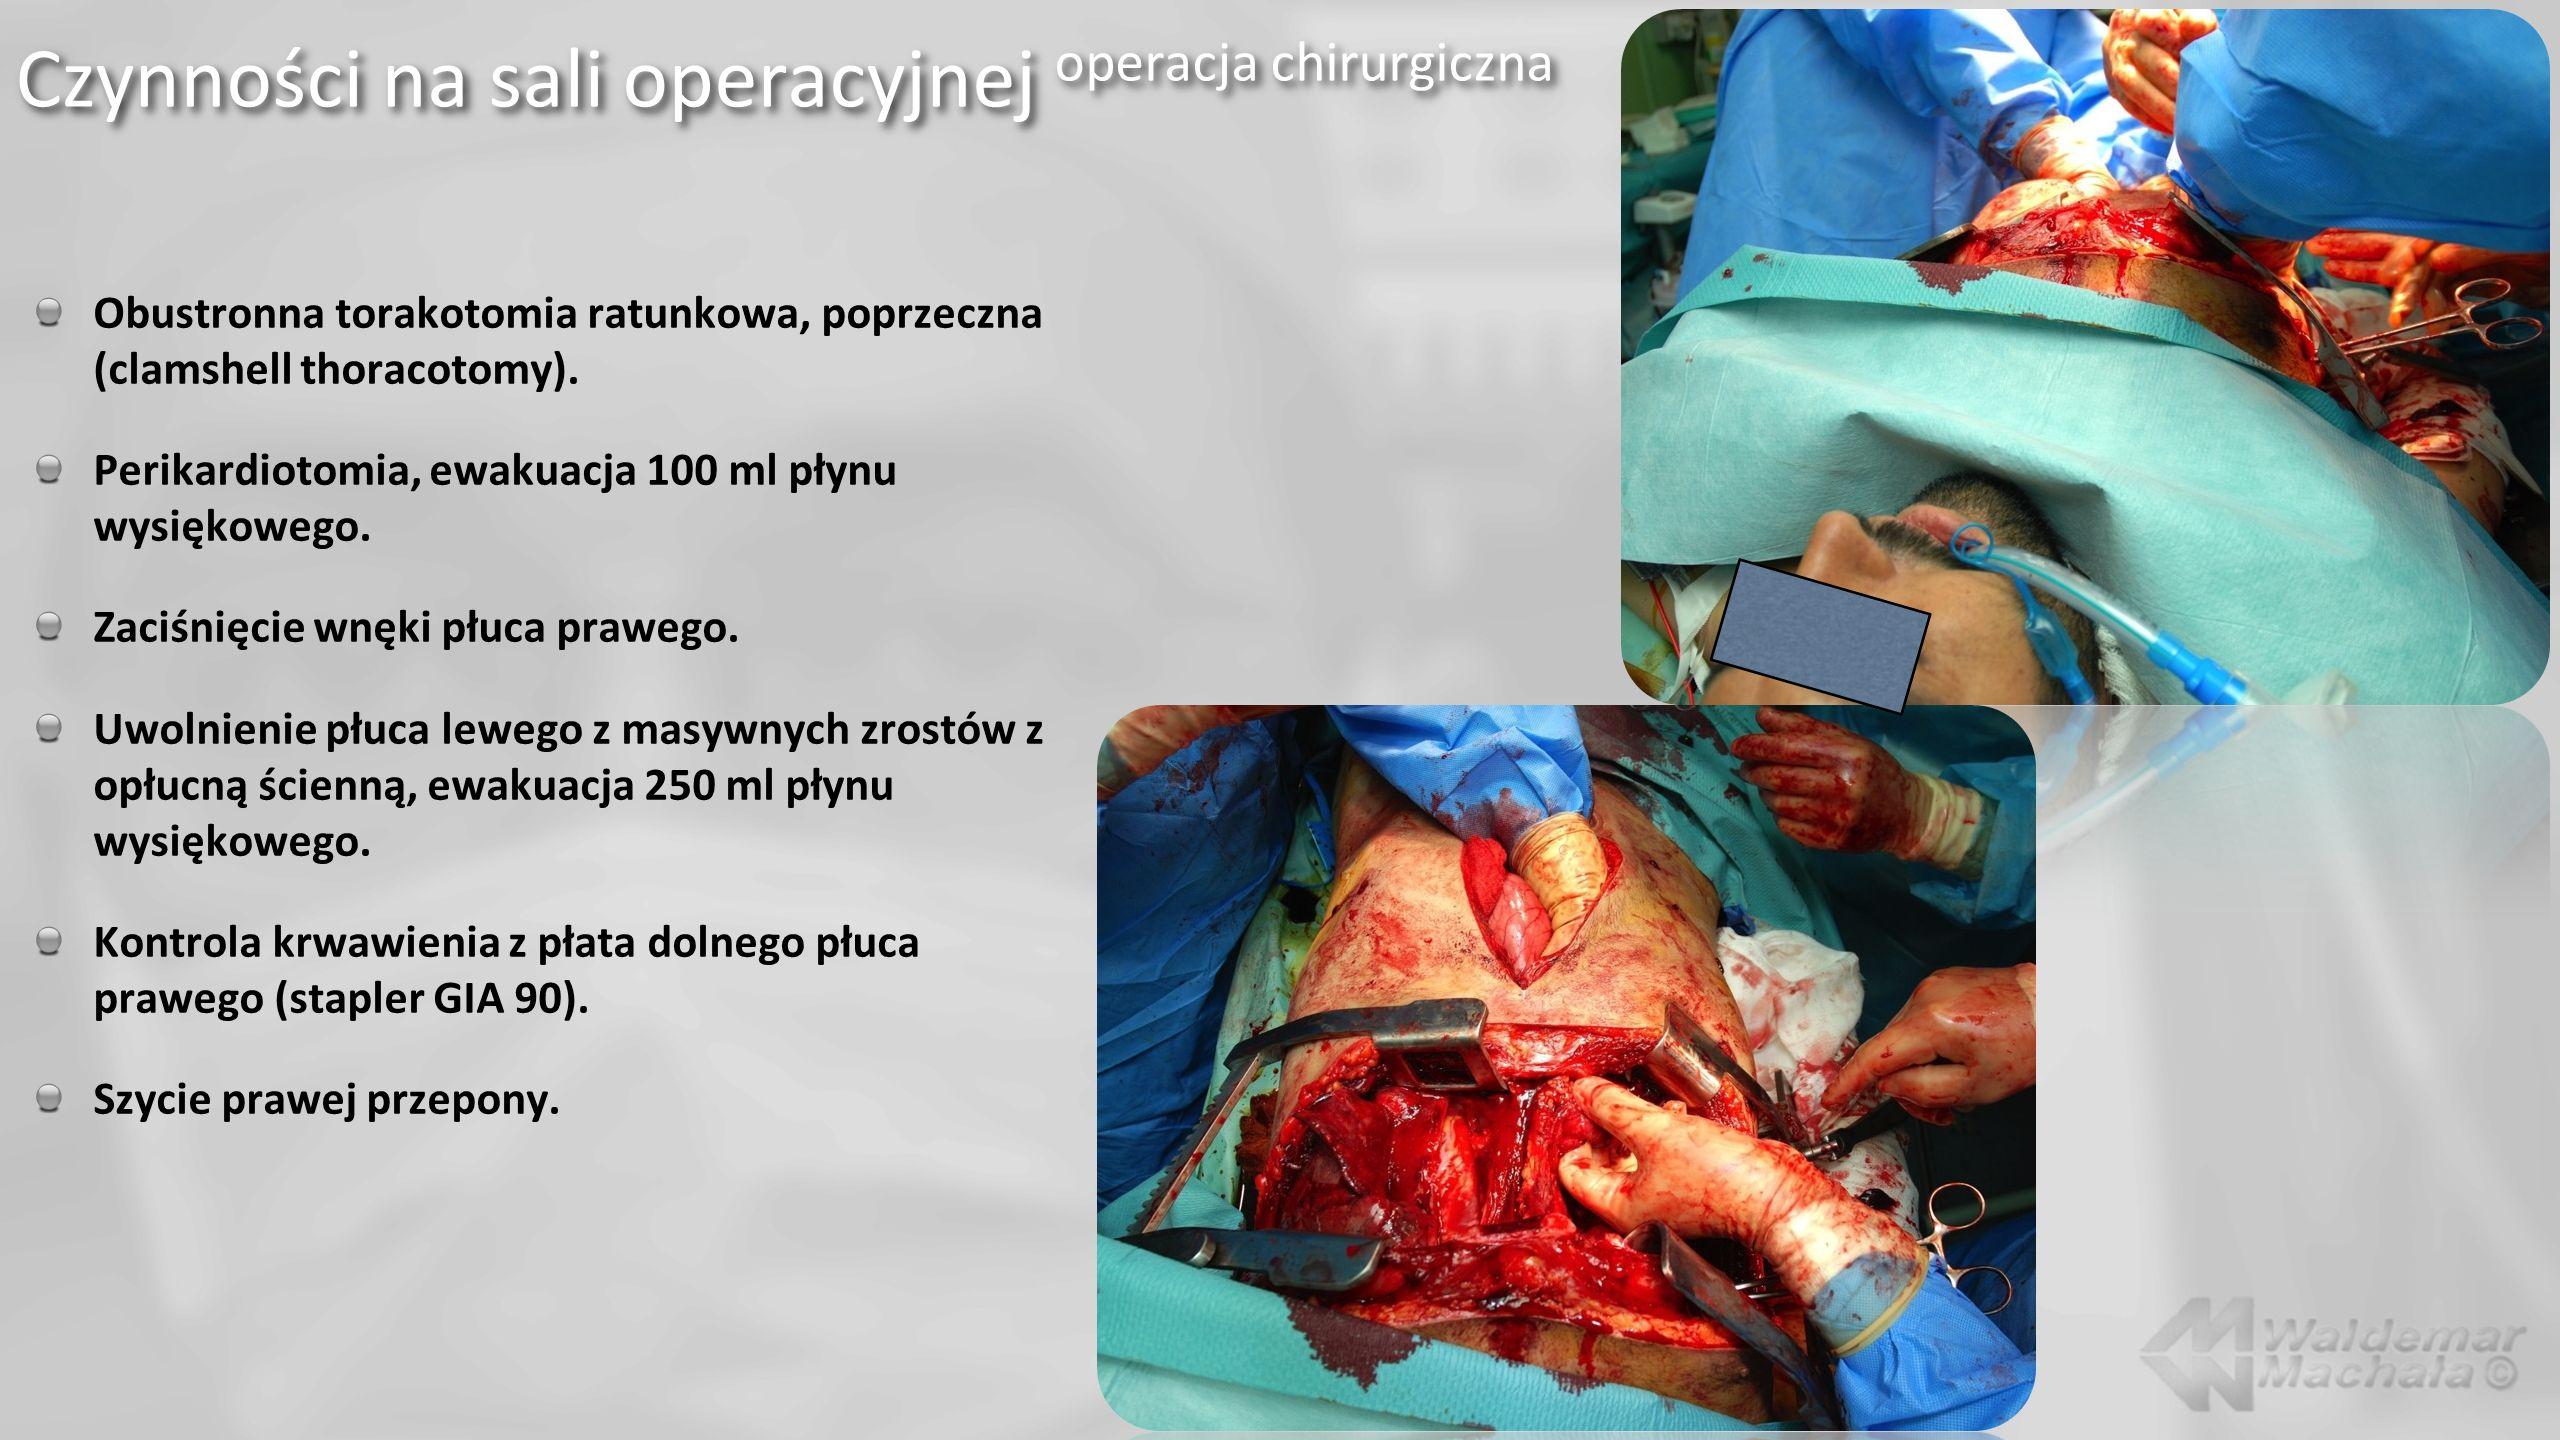 Obustronna torakotomia ratunkowa, poprzeczna (clamshell thoracotomy). Perikardiotomia, ewakuacja 100 ml płynu wysiękowego. Zaciśnięcie wnęki płuca pra